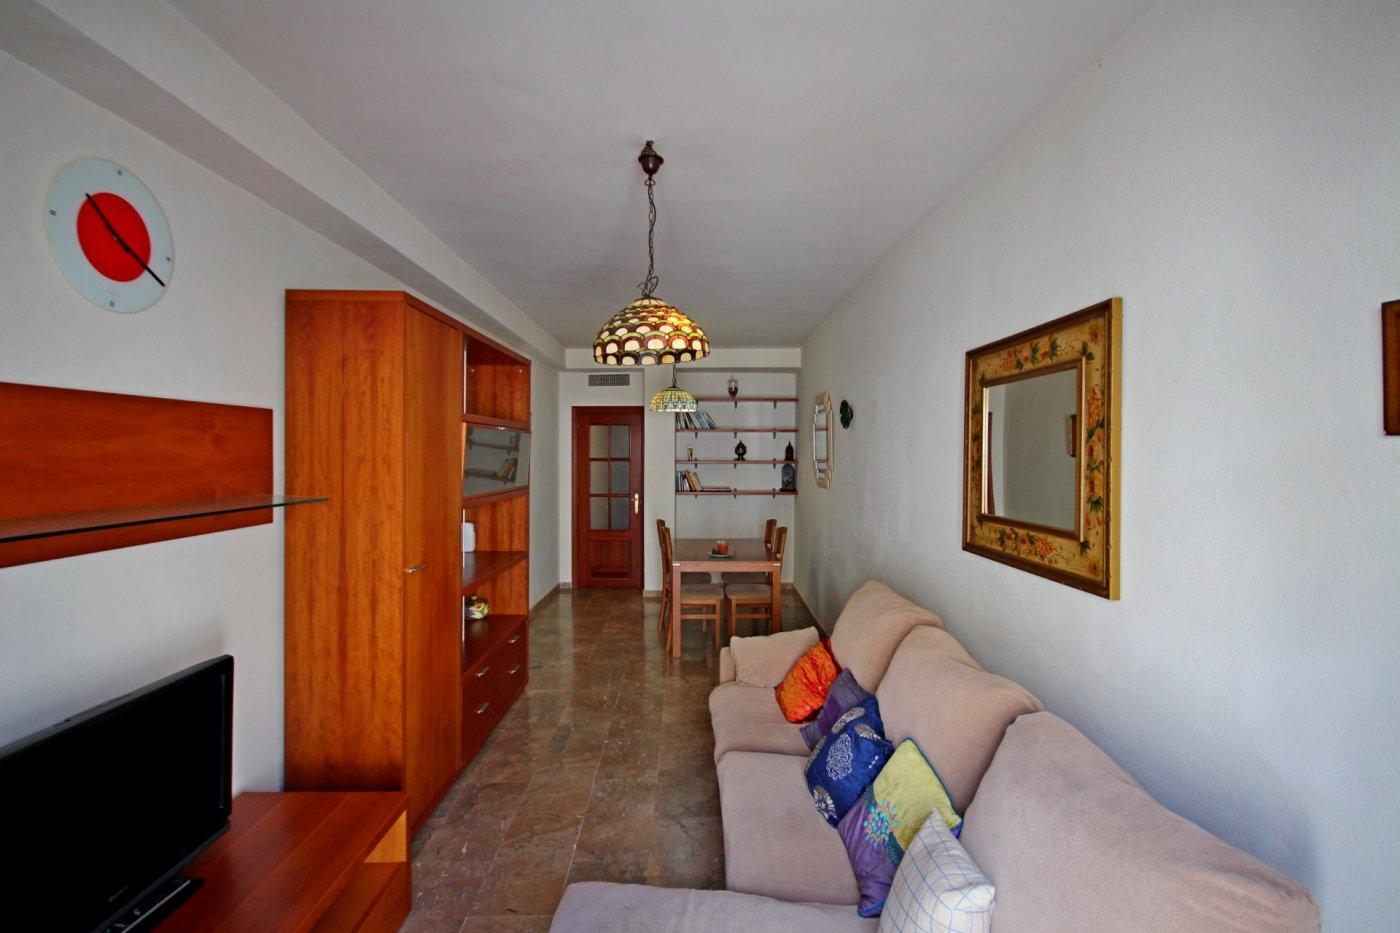 Piso dos dormitorios con garaje a un paso del centro histórico - imagenInmueble6